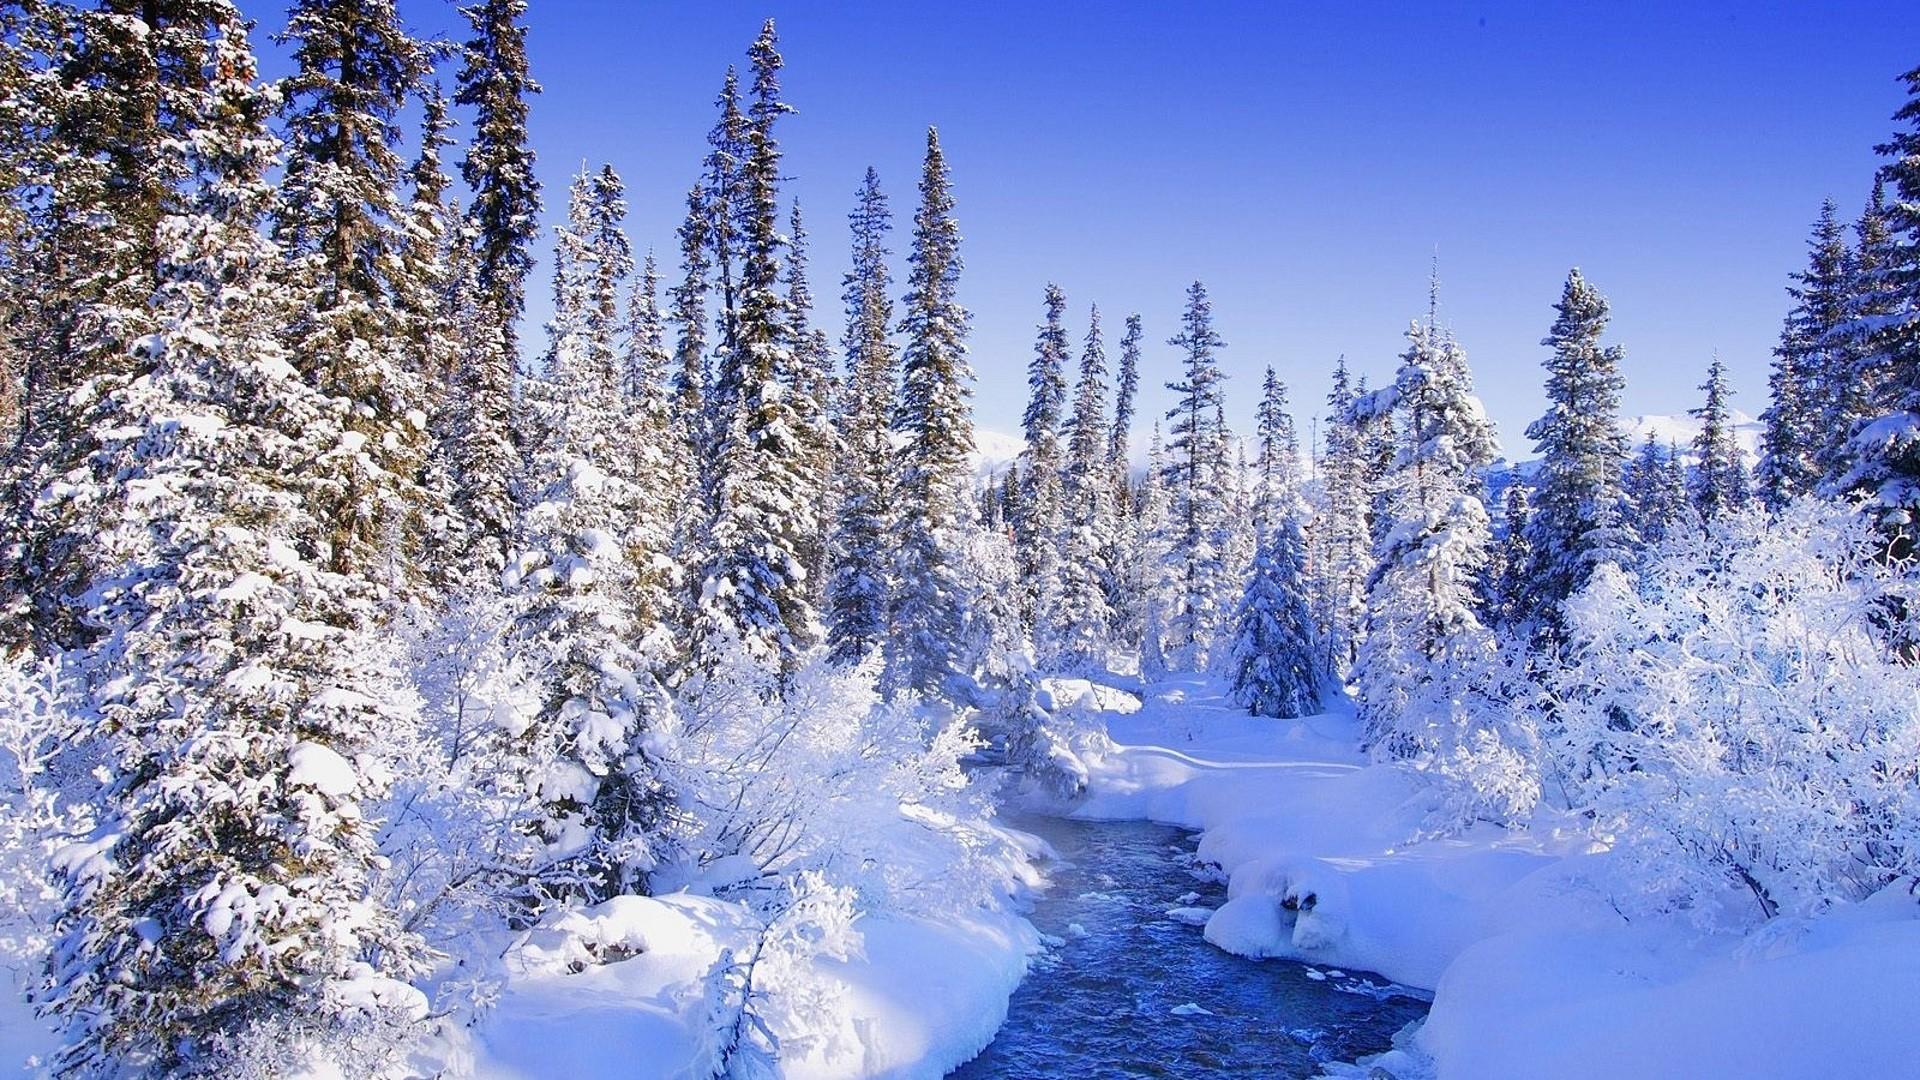 Winter Wonderland Wallpaper for pc